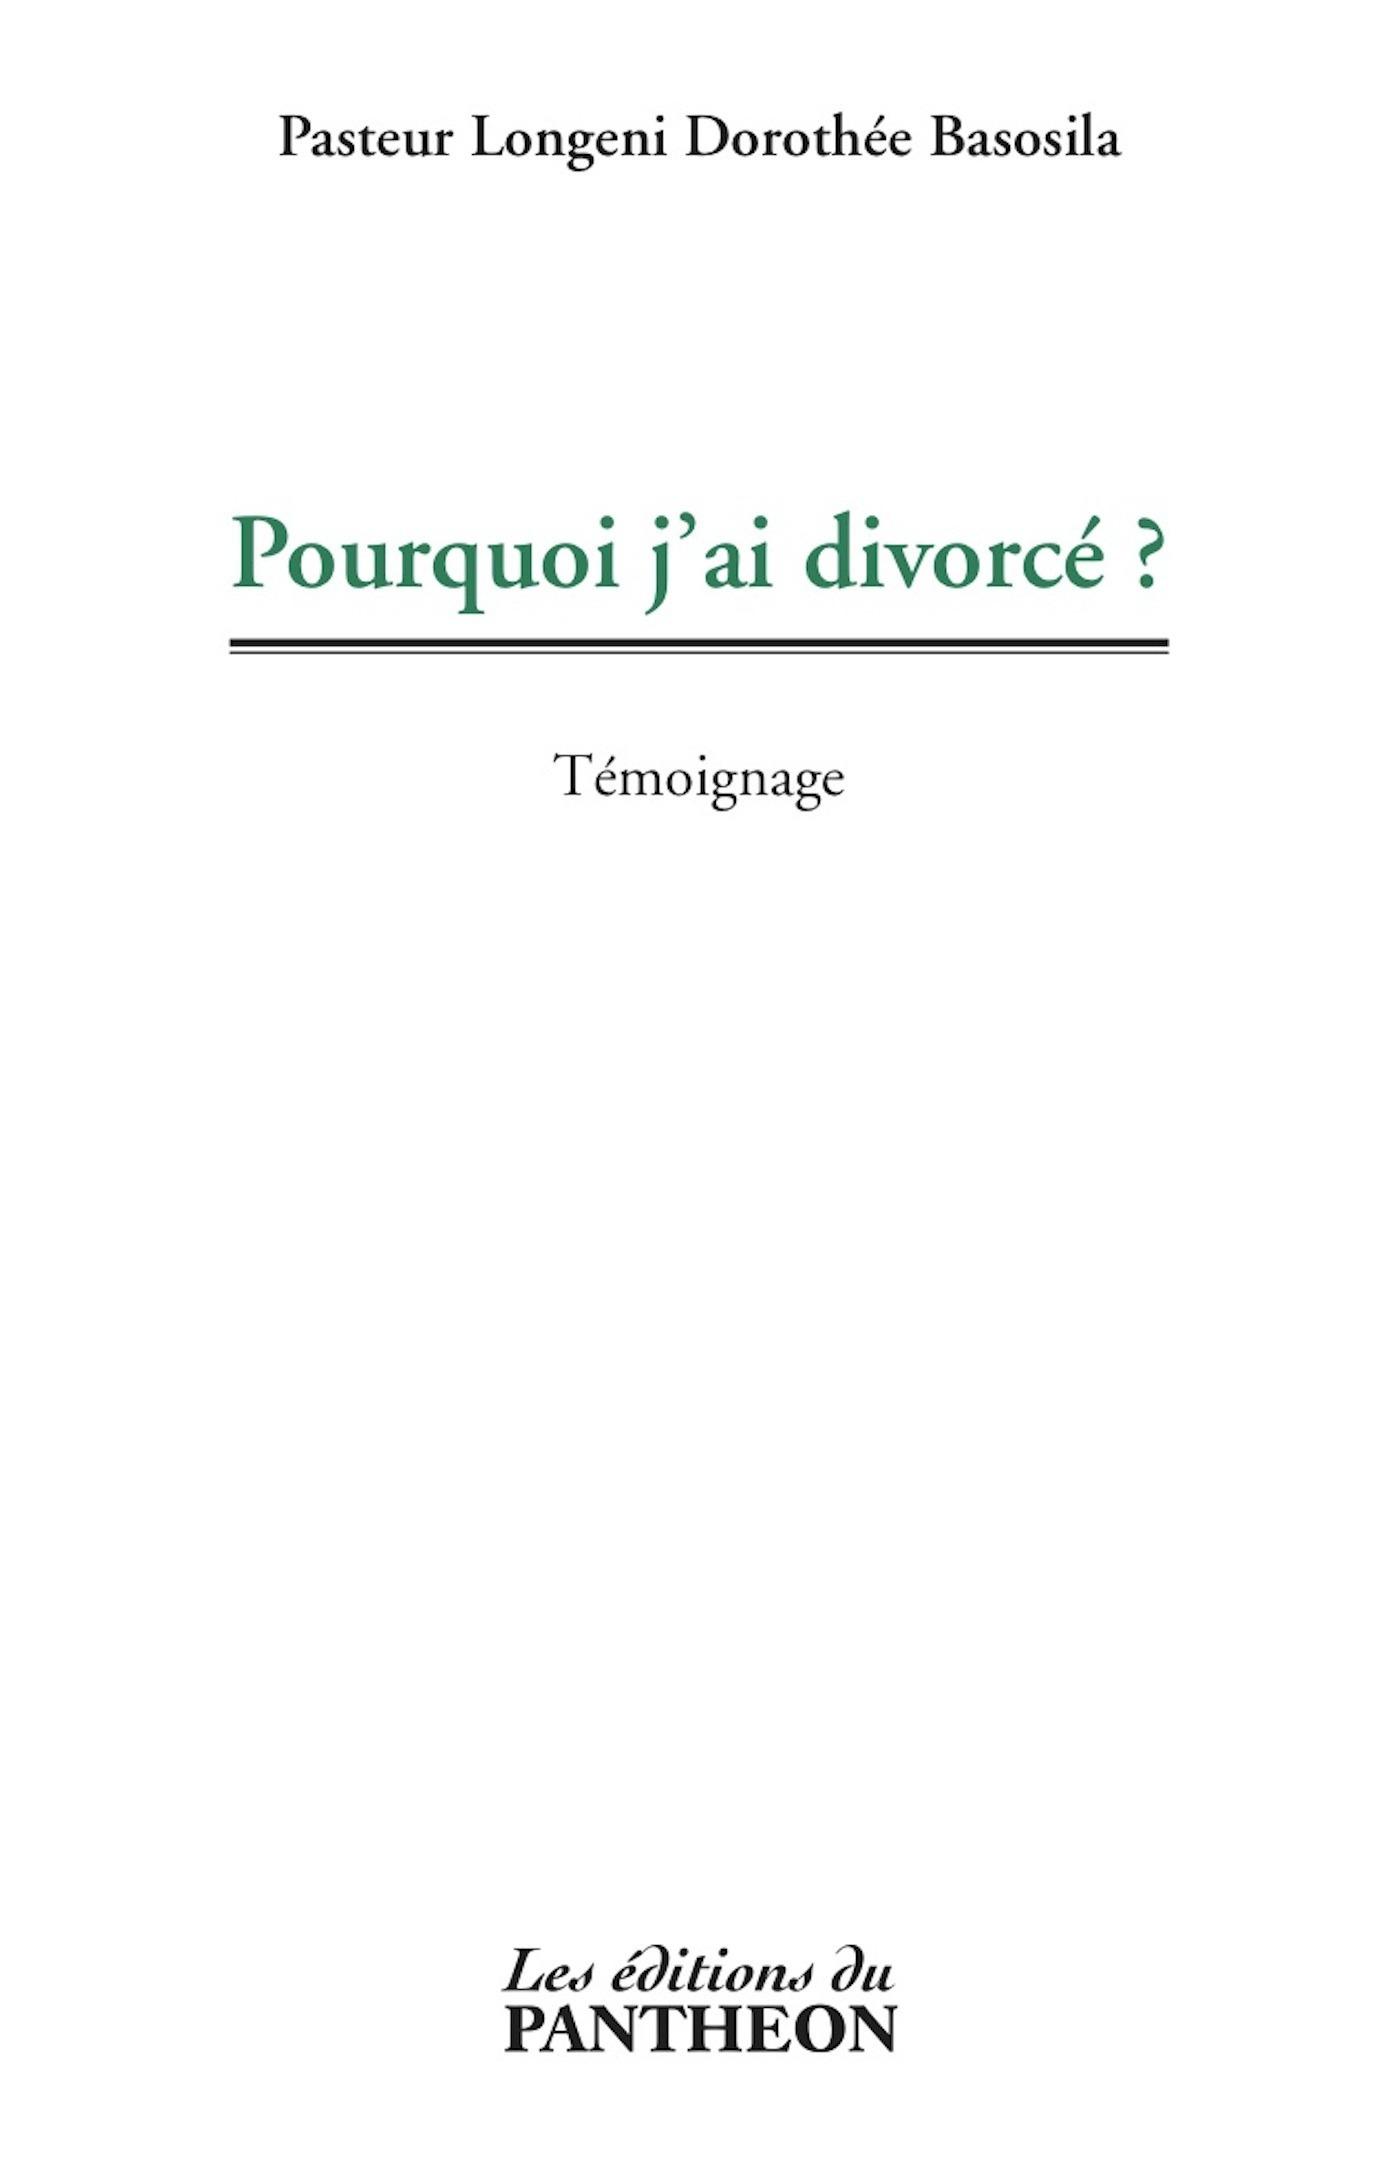 Pourquoi j'ai divorcé ?